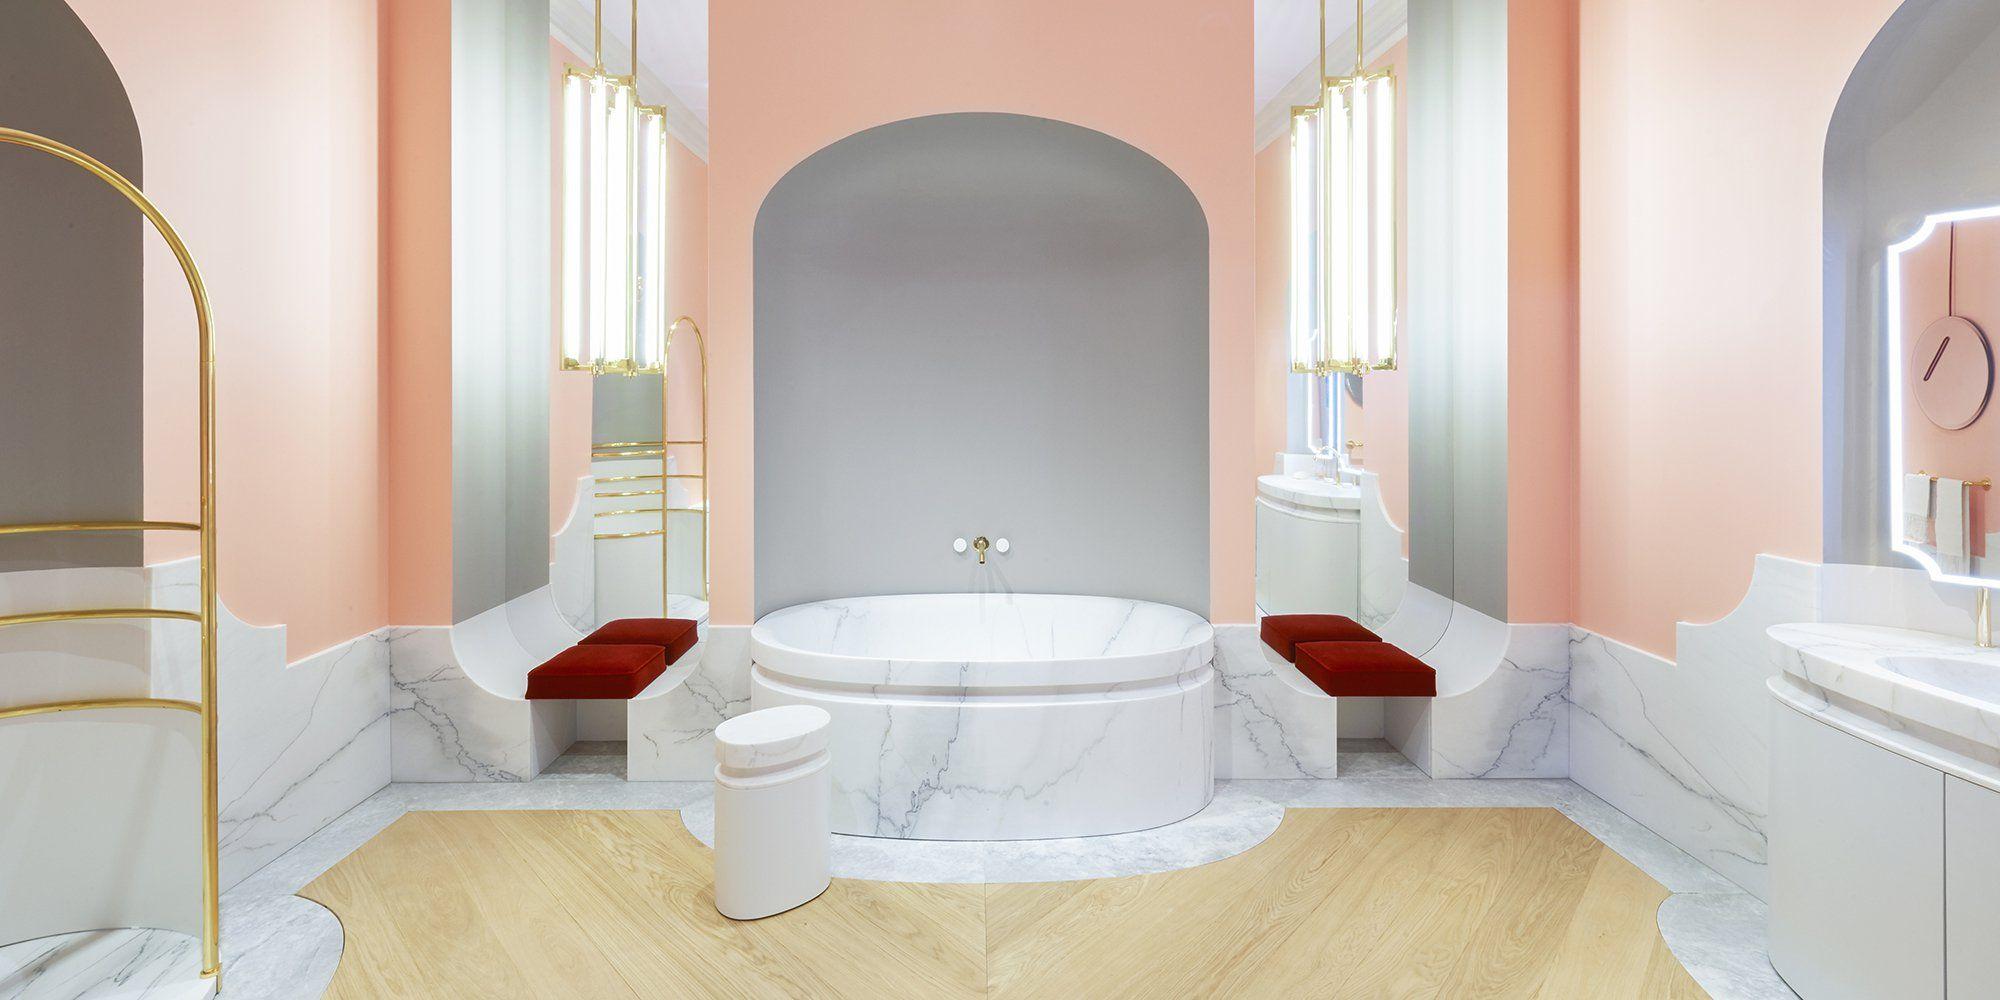 la salle de bains irrà sistible d alexis mabille pour jacob delafon